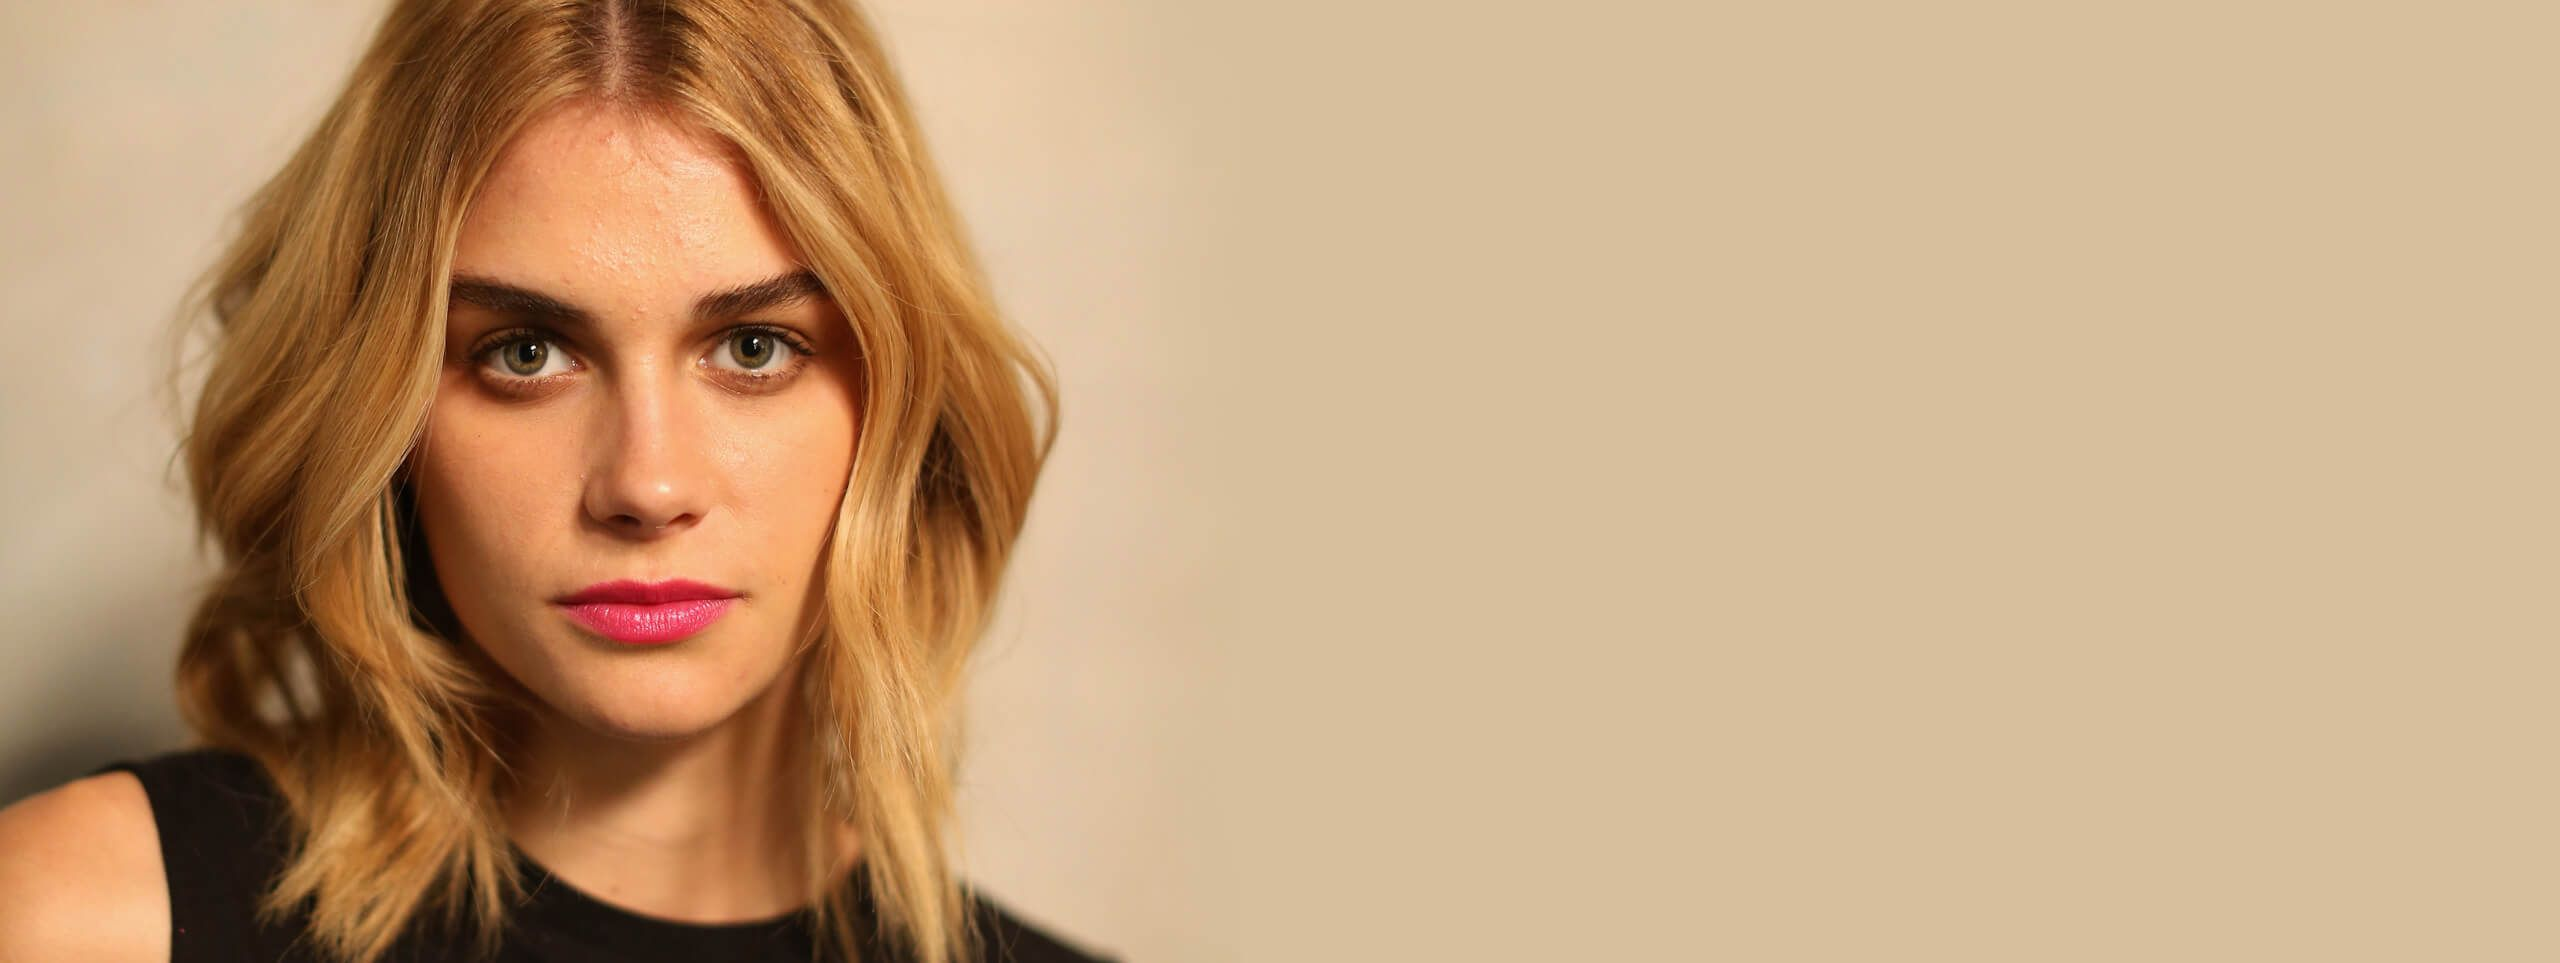 Modelka z blond włosami średniej długości w stylu lat 80-tych